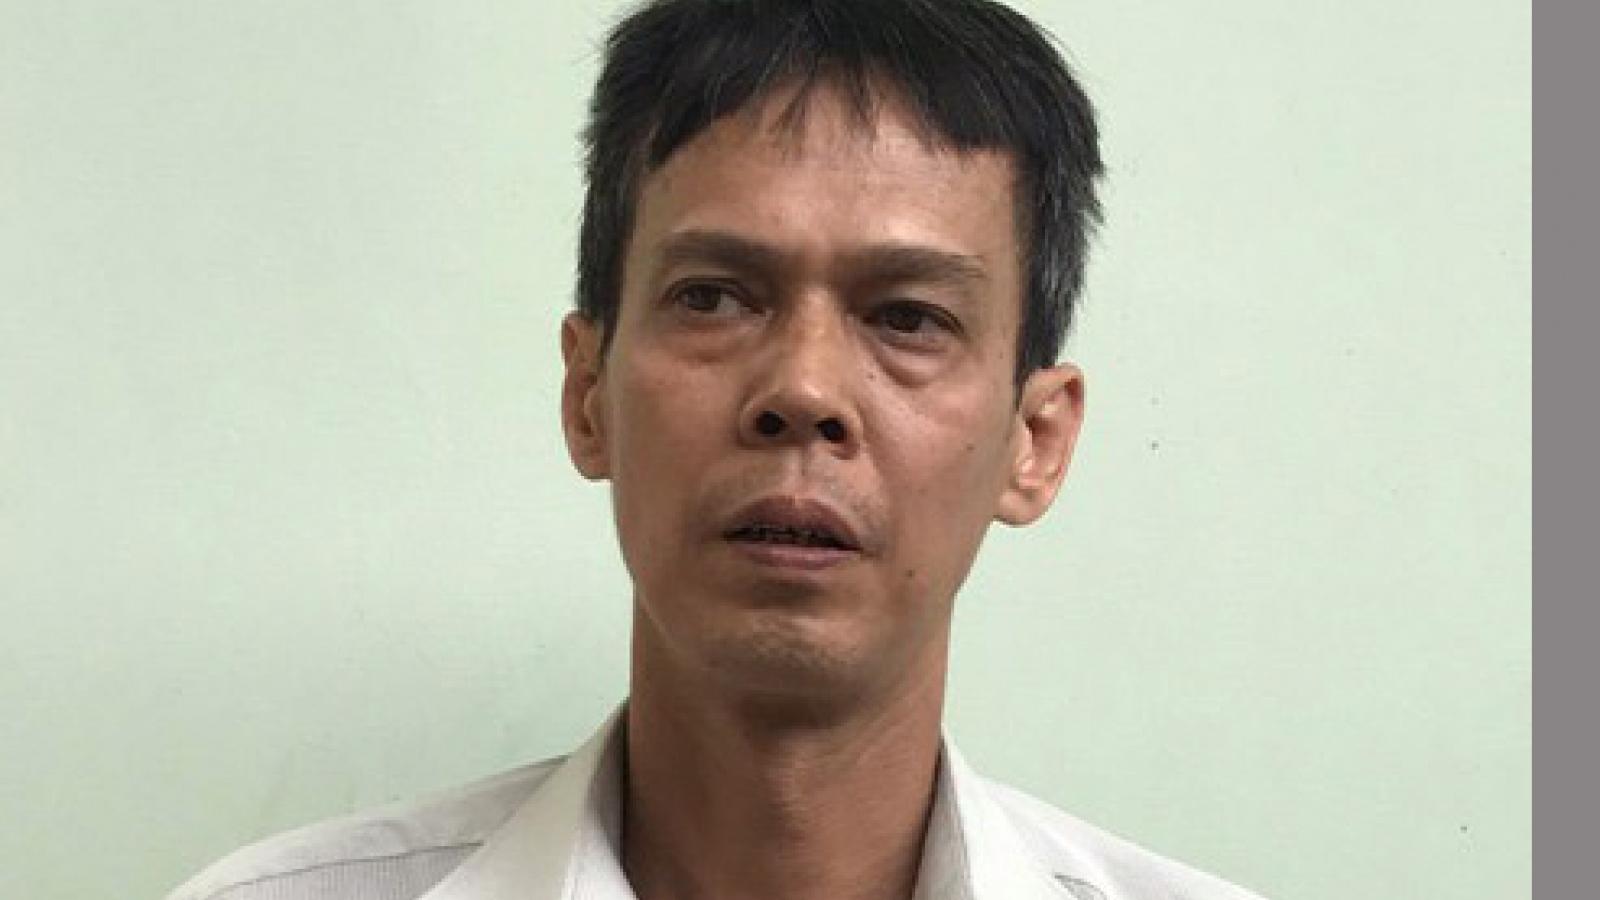 Bắt thêm đồng phạm của Phạm Chí Dũng trong vụ án chống phá Nhà nước